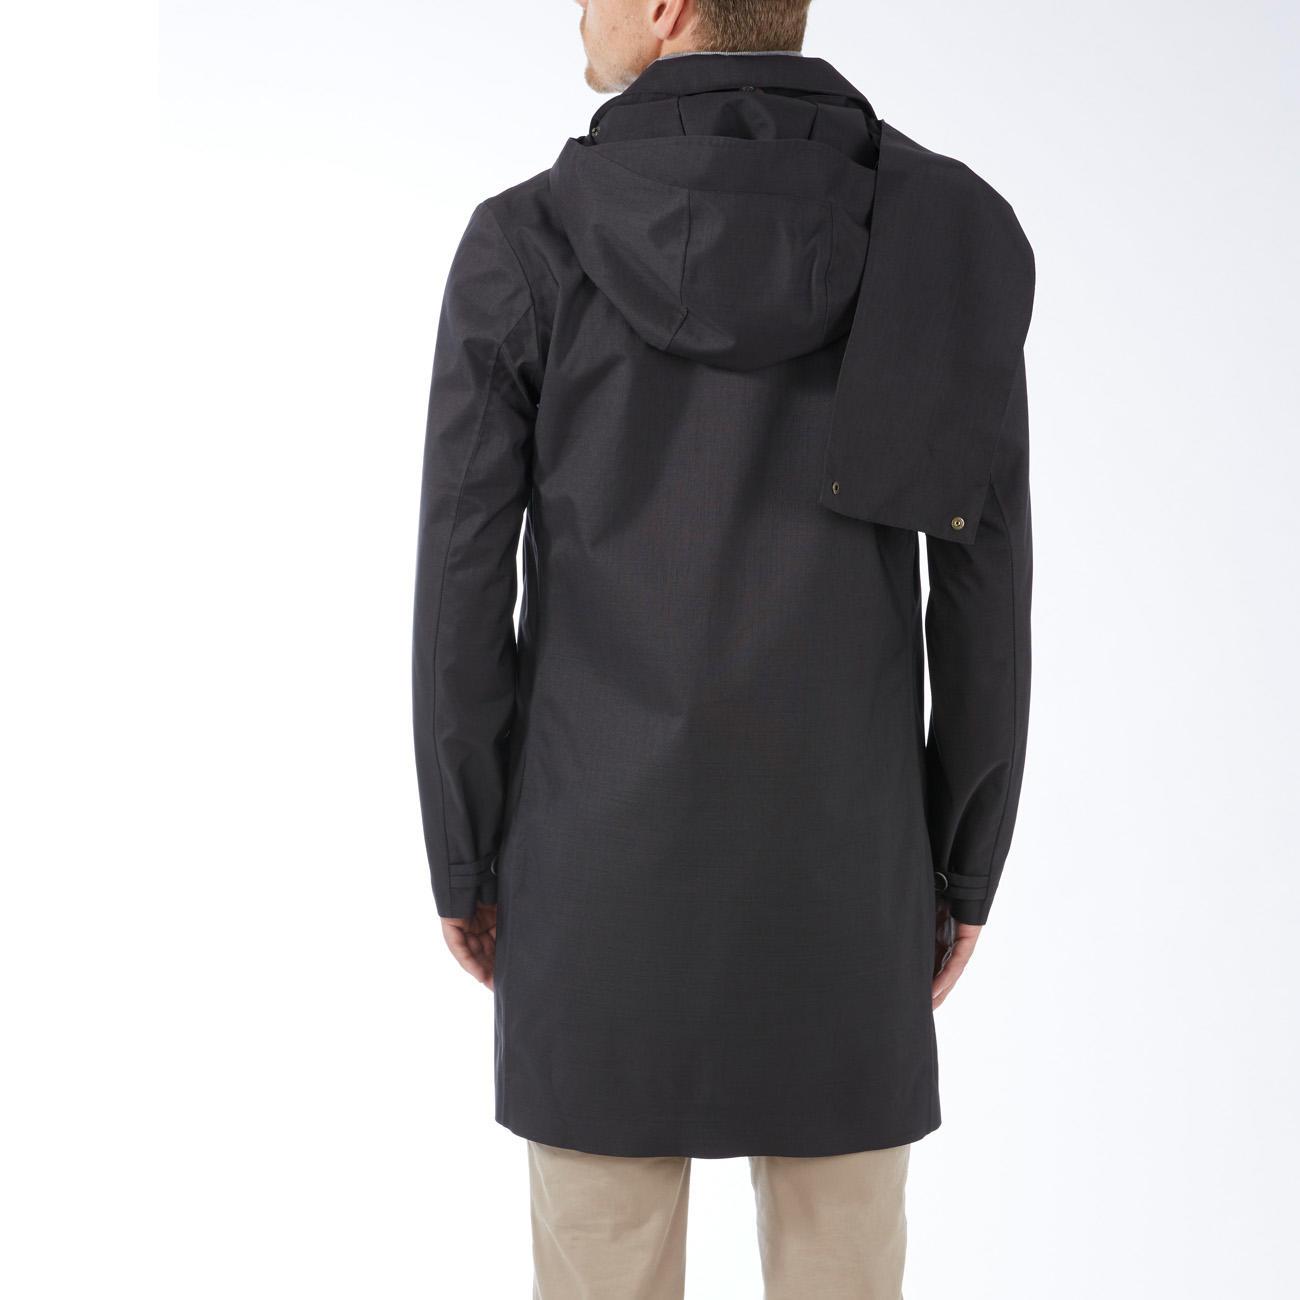 Buy Norwegian Rain Men's Raincoat online